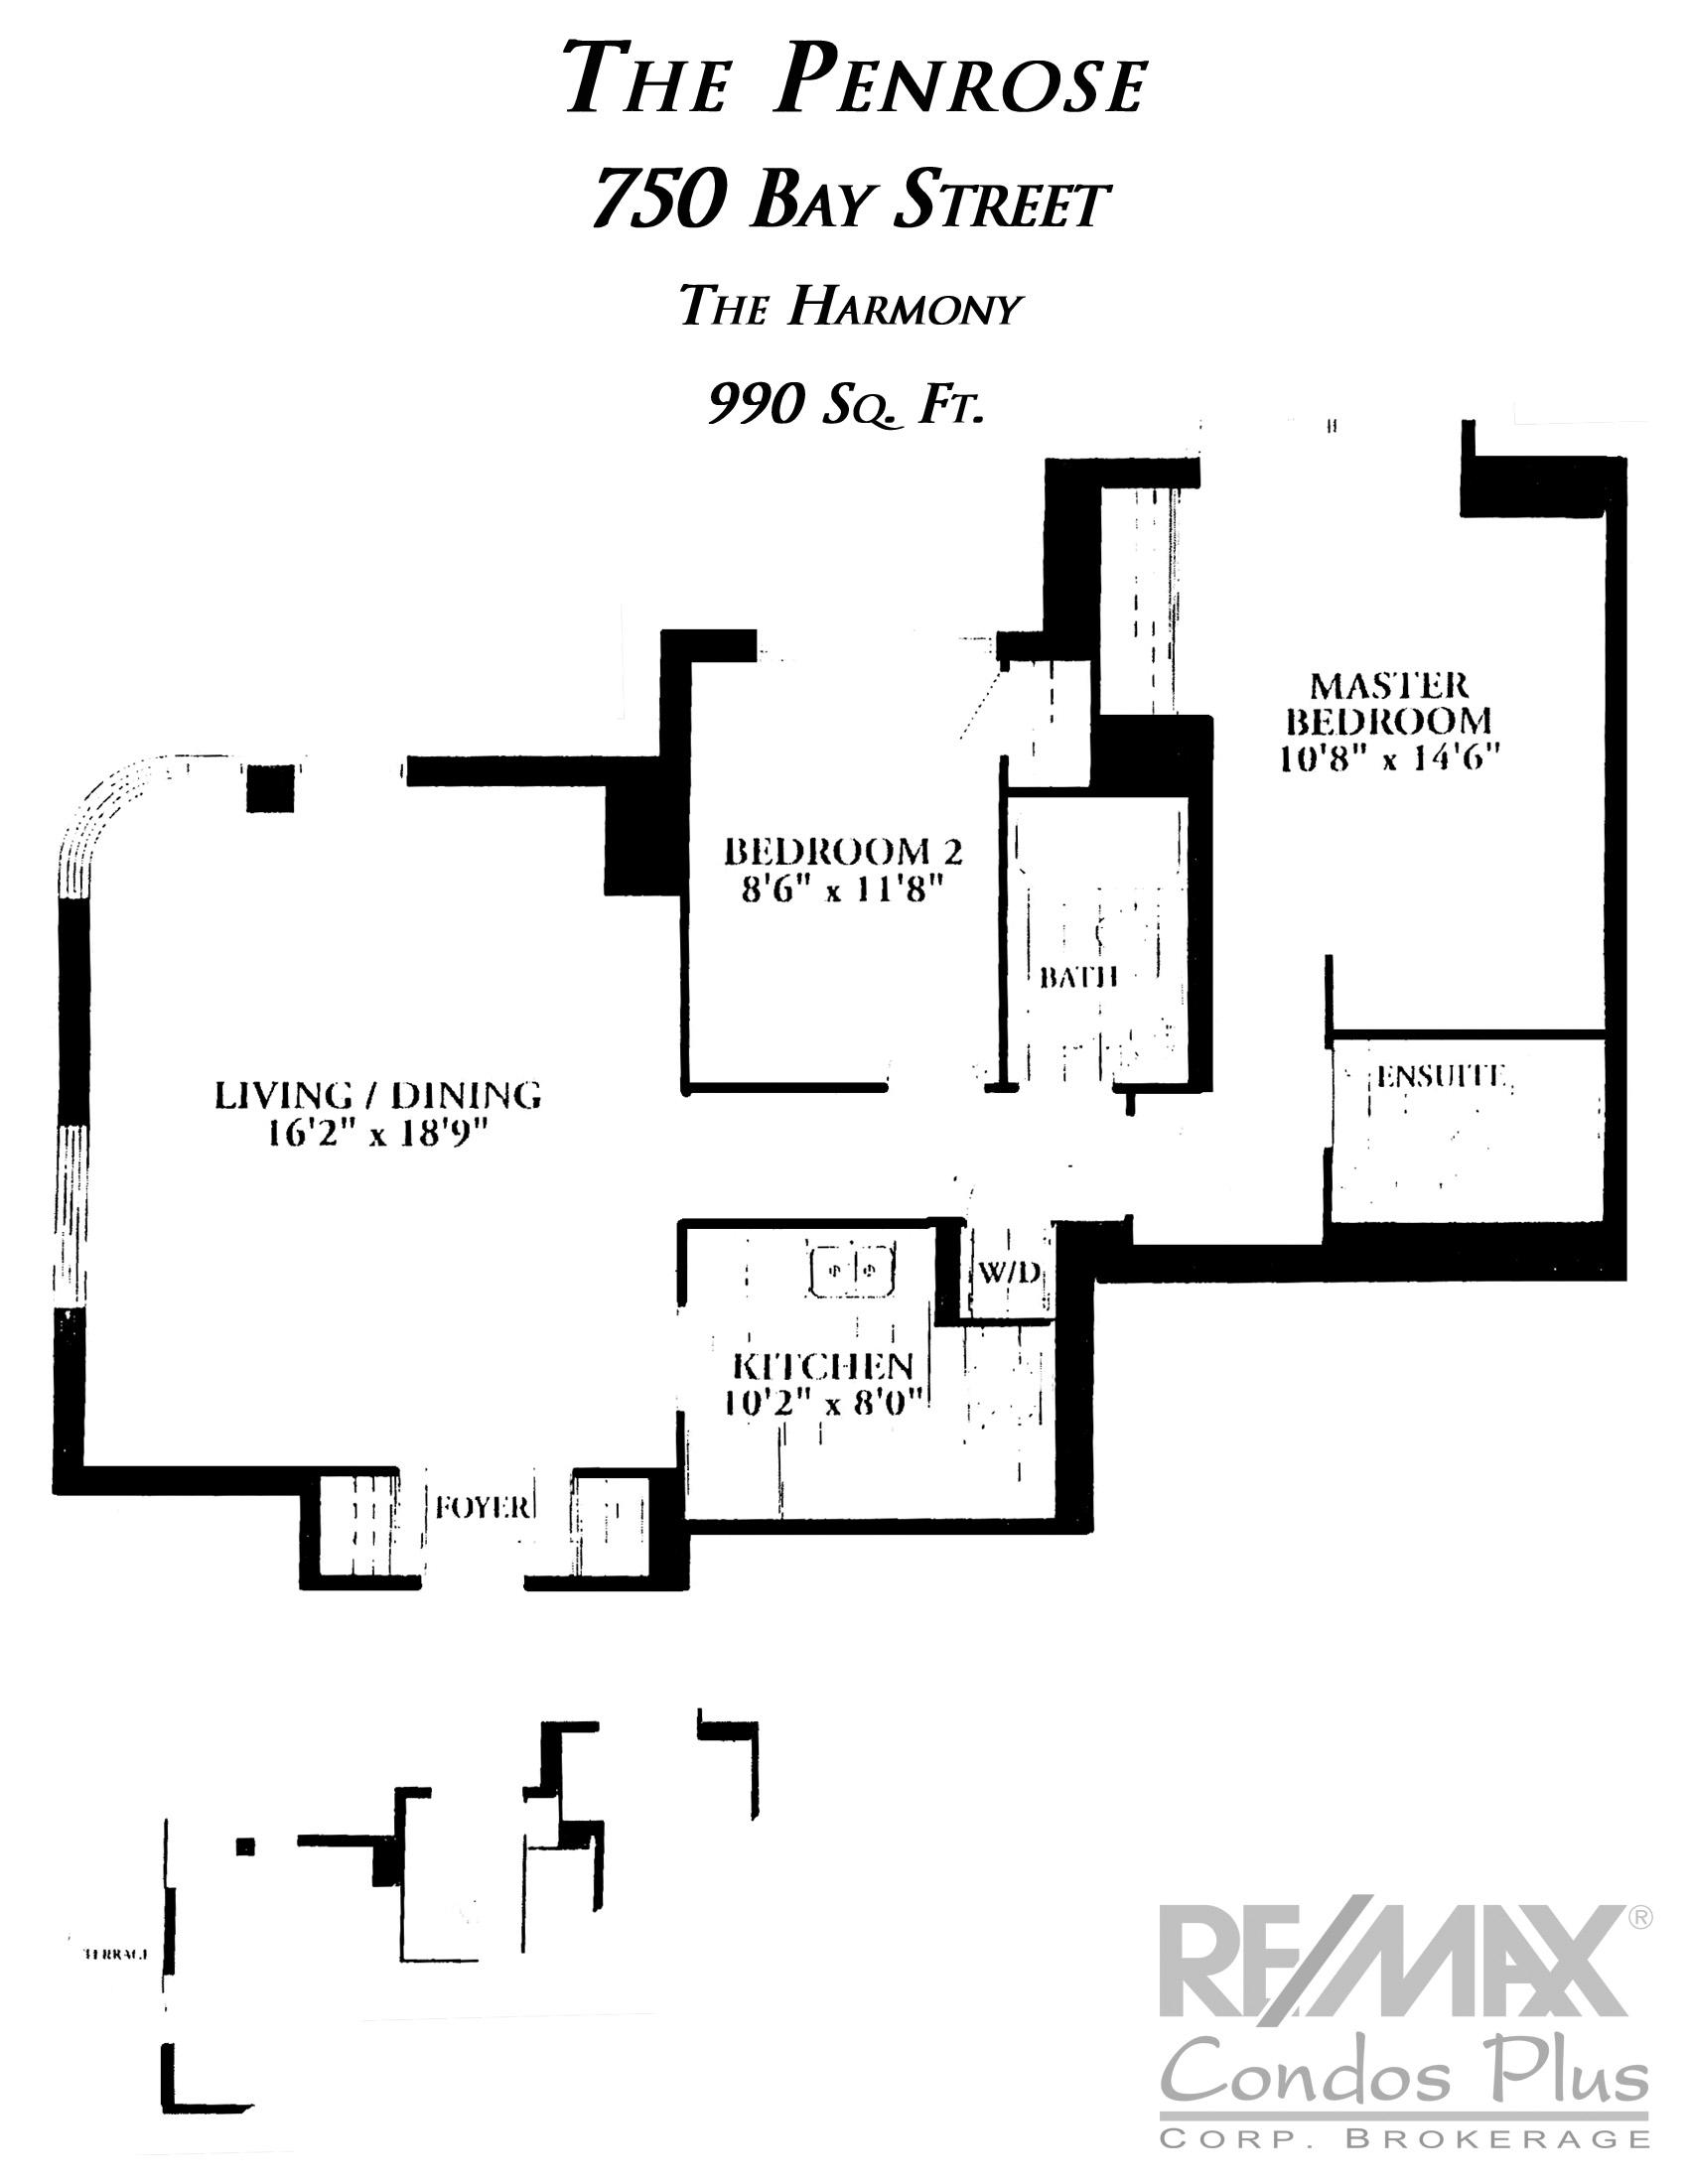 The Harmony: 2 Bedroom, 990 SqFt